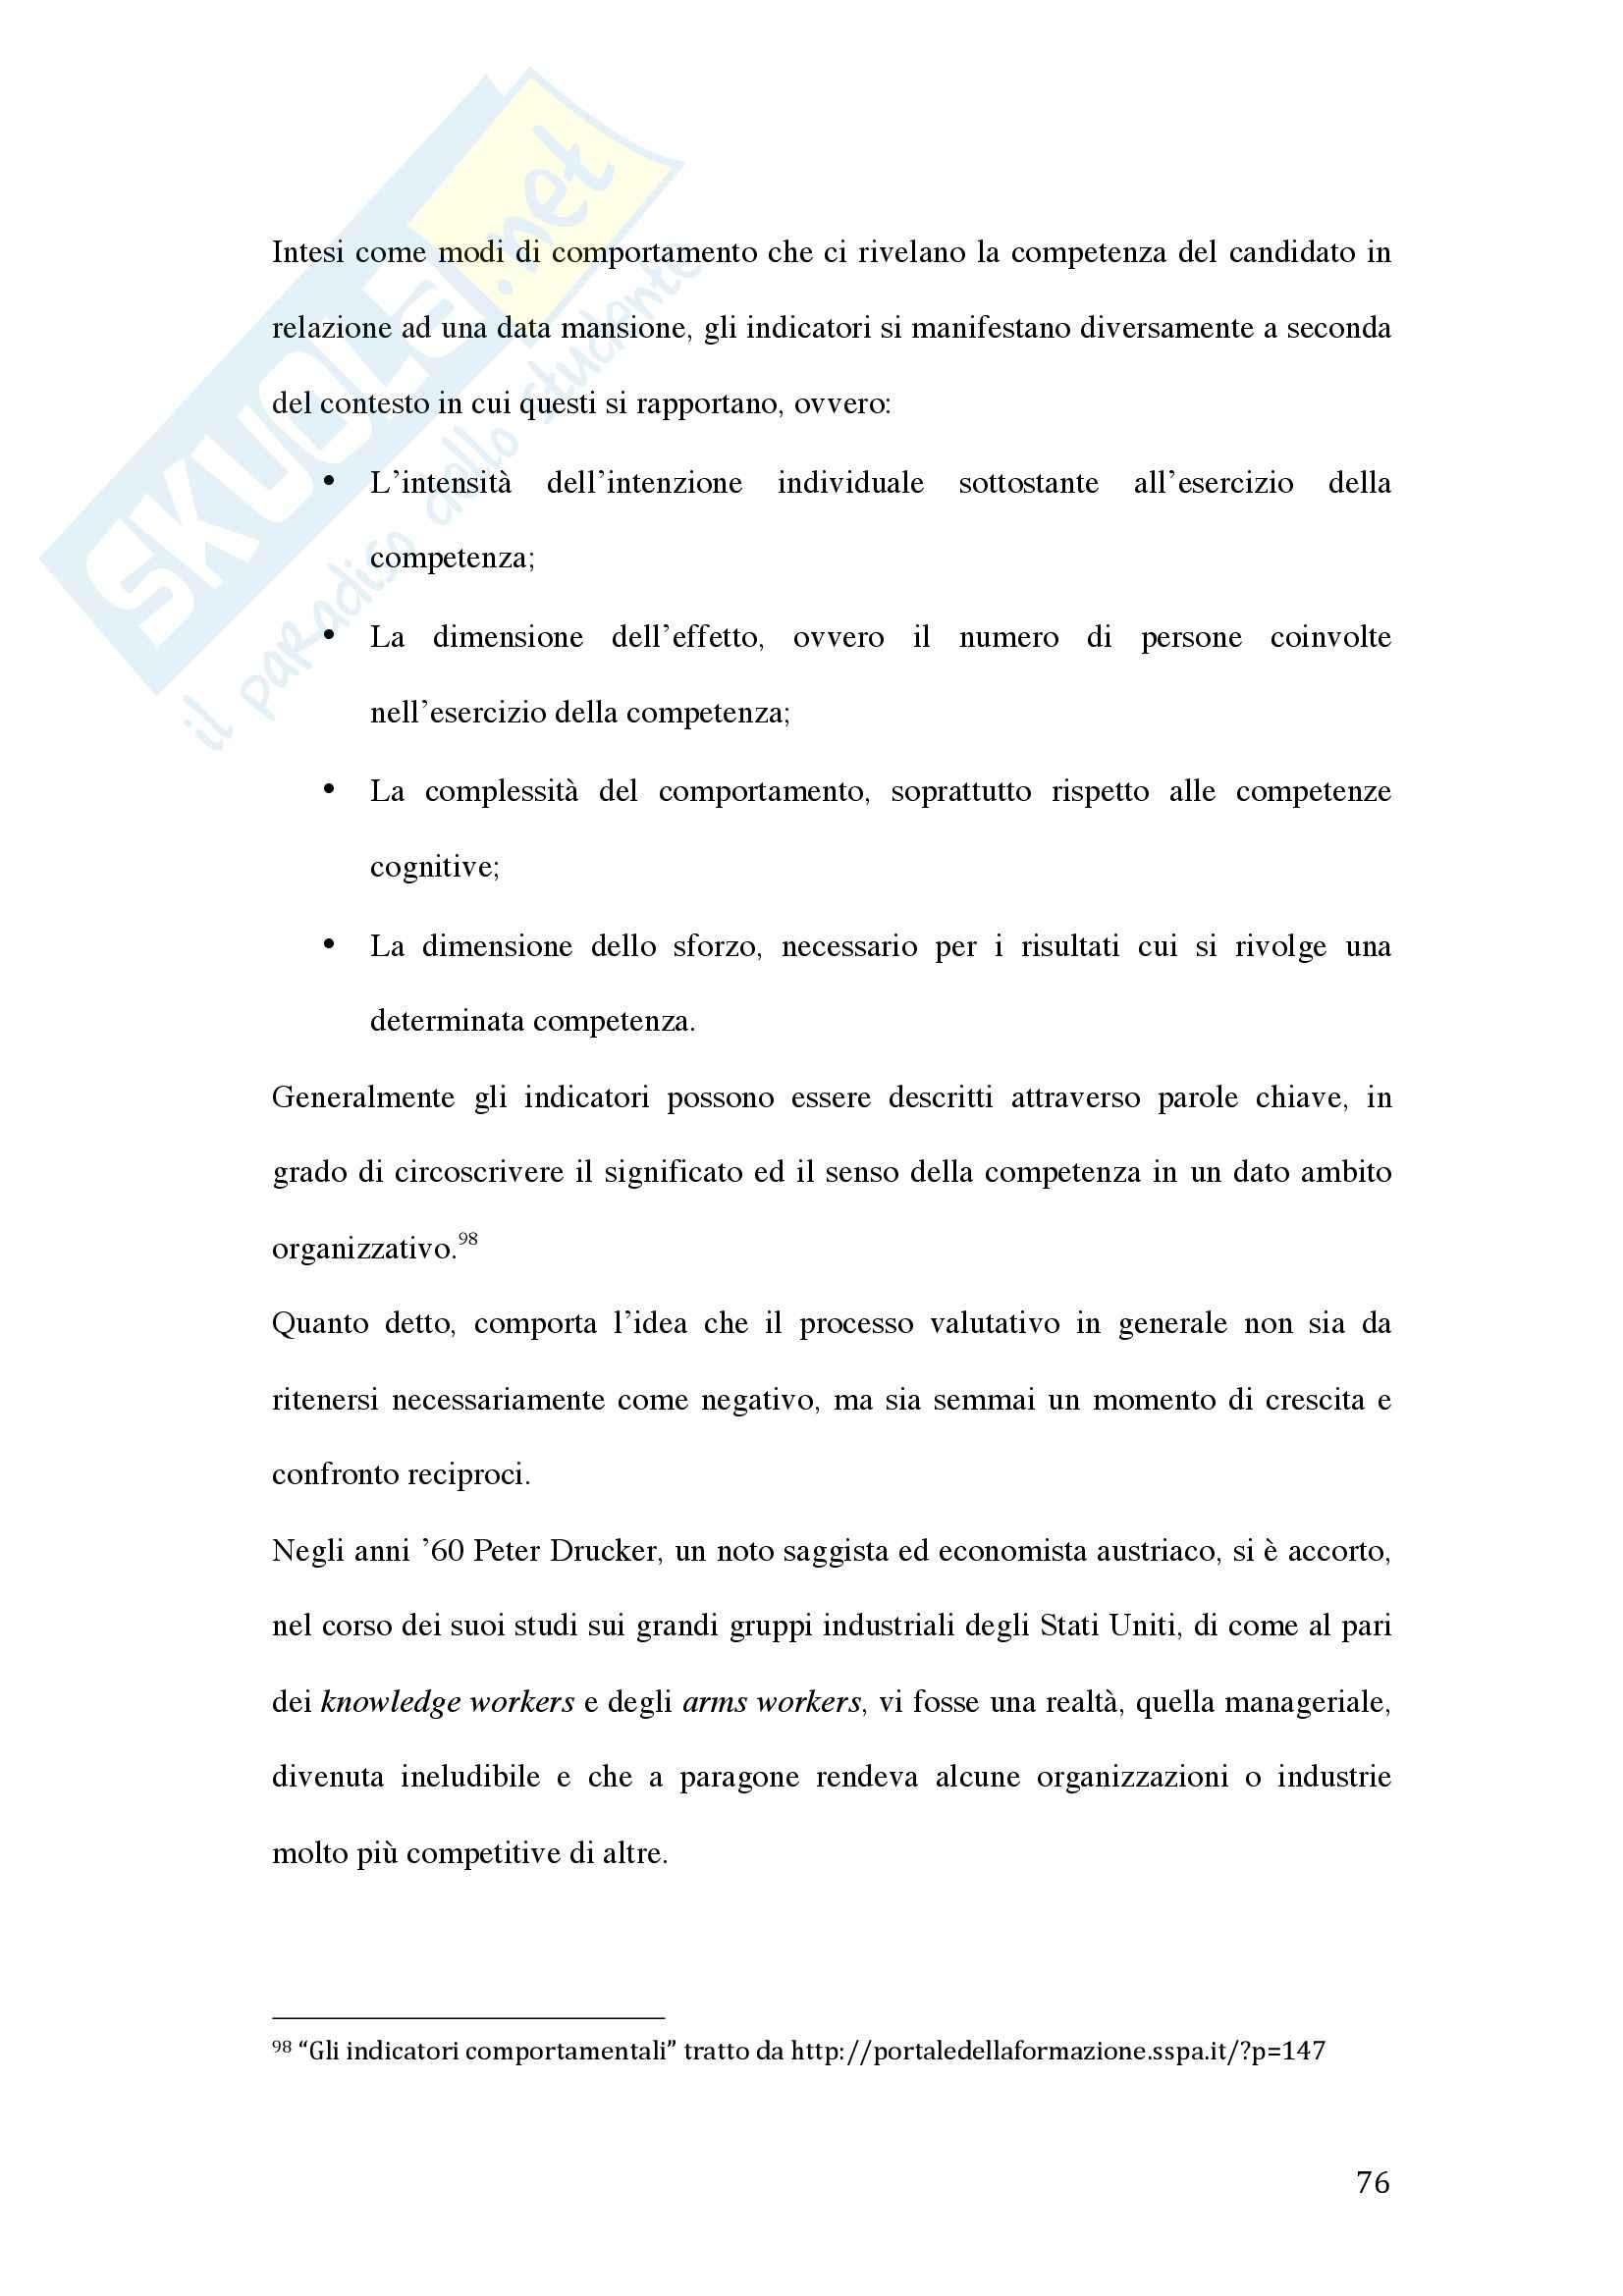 Tesi - La valutazione della dirigenza nelle pubbliche amministrazioni Pag. 76